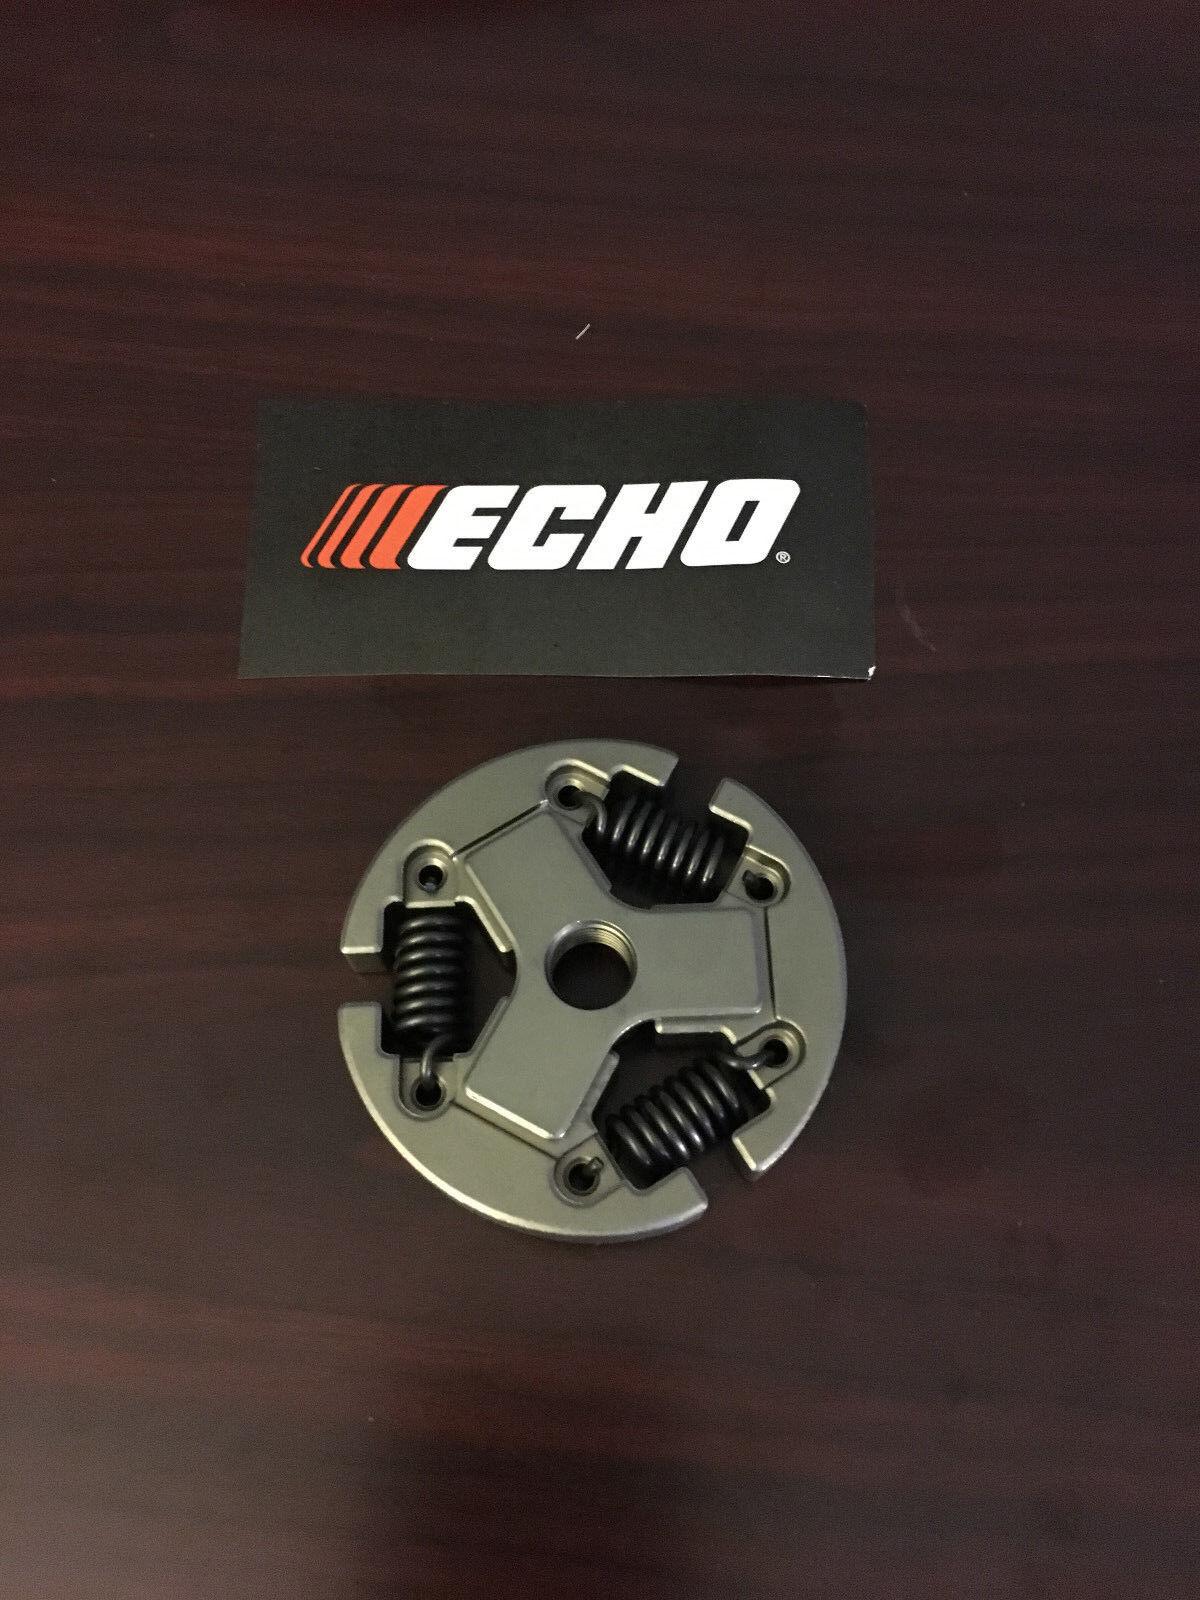 Nuevo Genuino OEM Embrague Echo A056000221, A056000220 para CS-590 motosierras